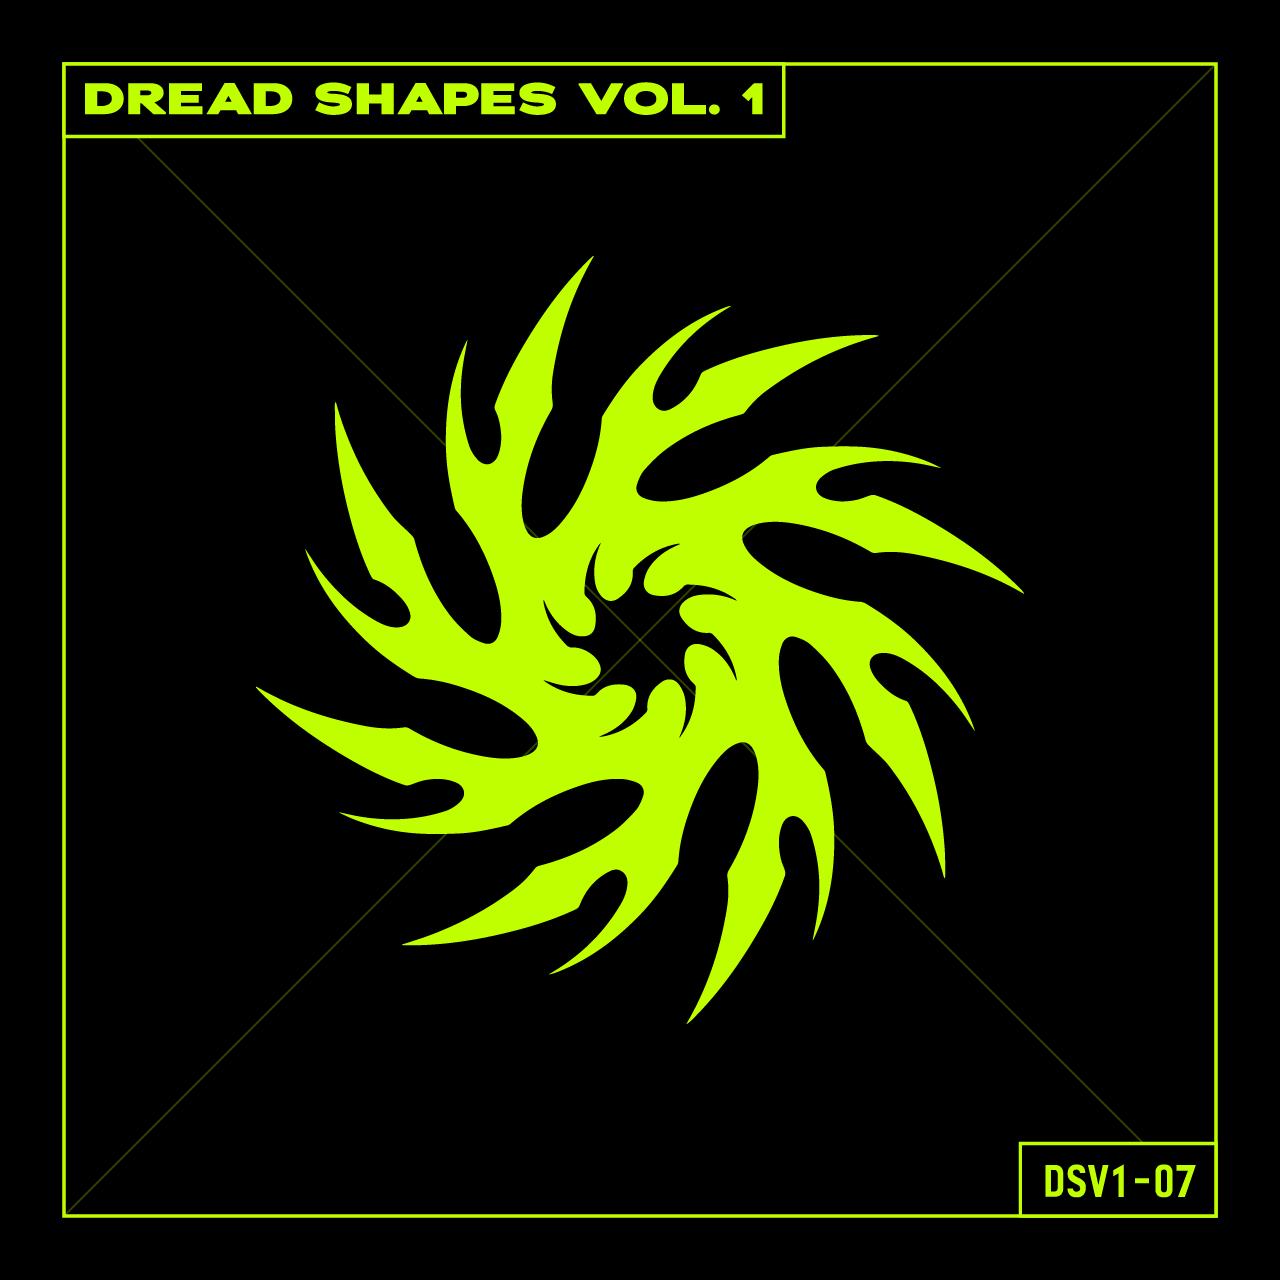 20款潮流抽象曼荼罗图标矢量图形AI素材 Dread Shapes Vol. 1插图1